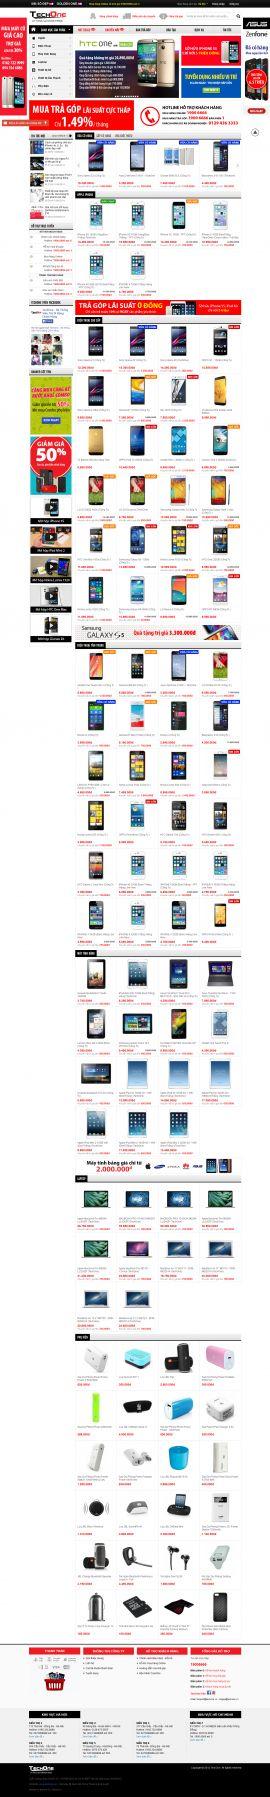 Mẫu website bán linh kiện điện tử 1011